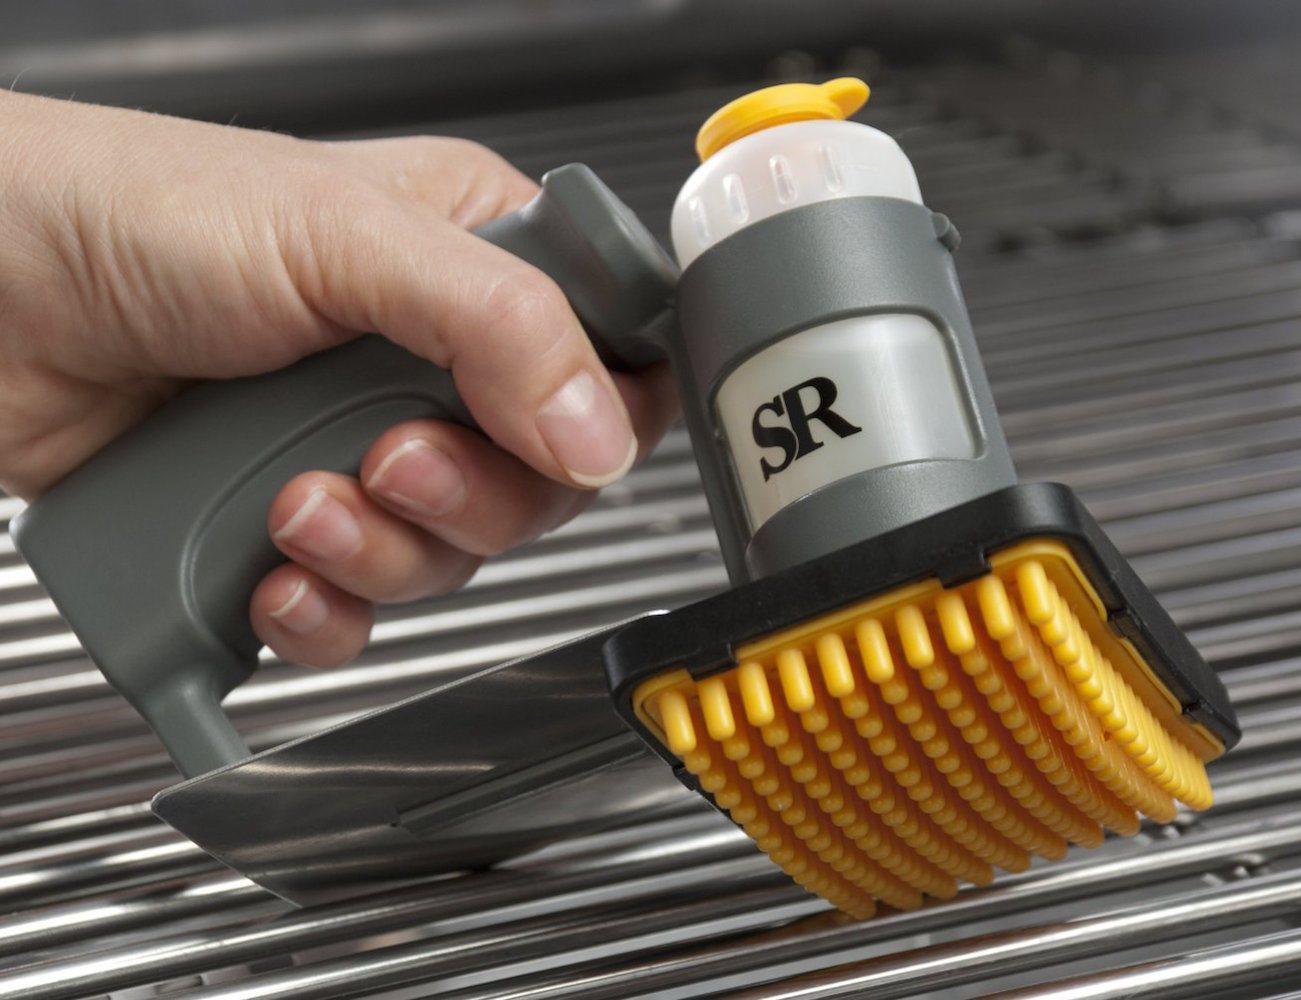 grilling-grate-oiler-brush-01